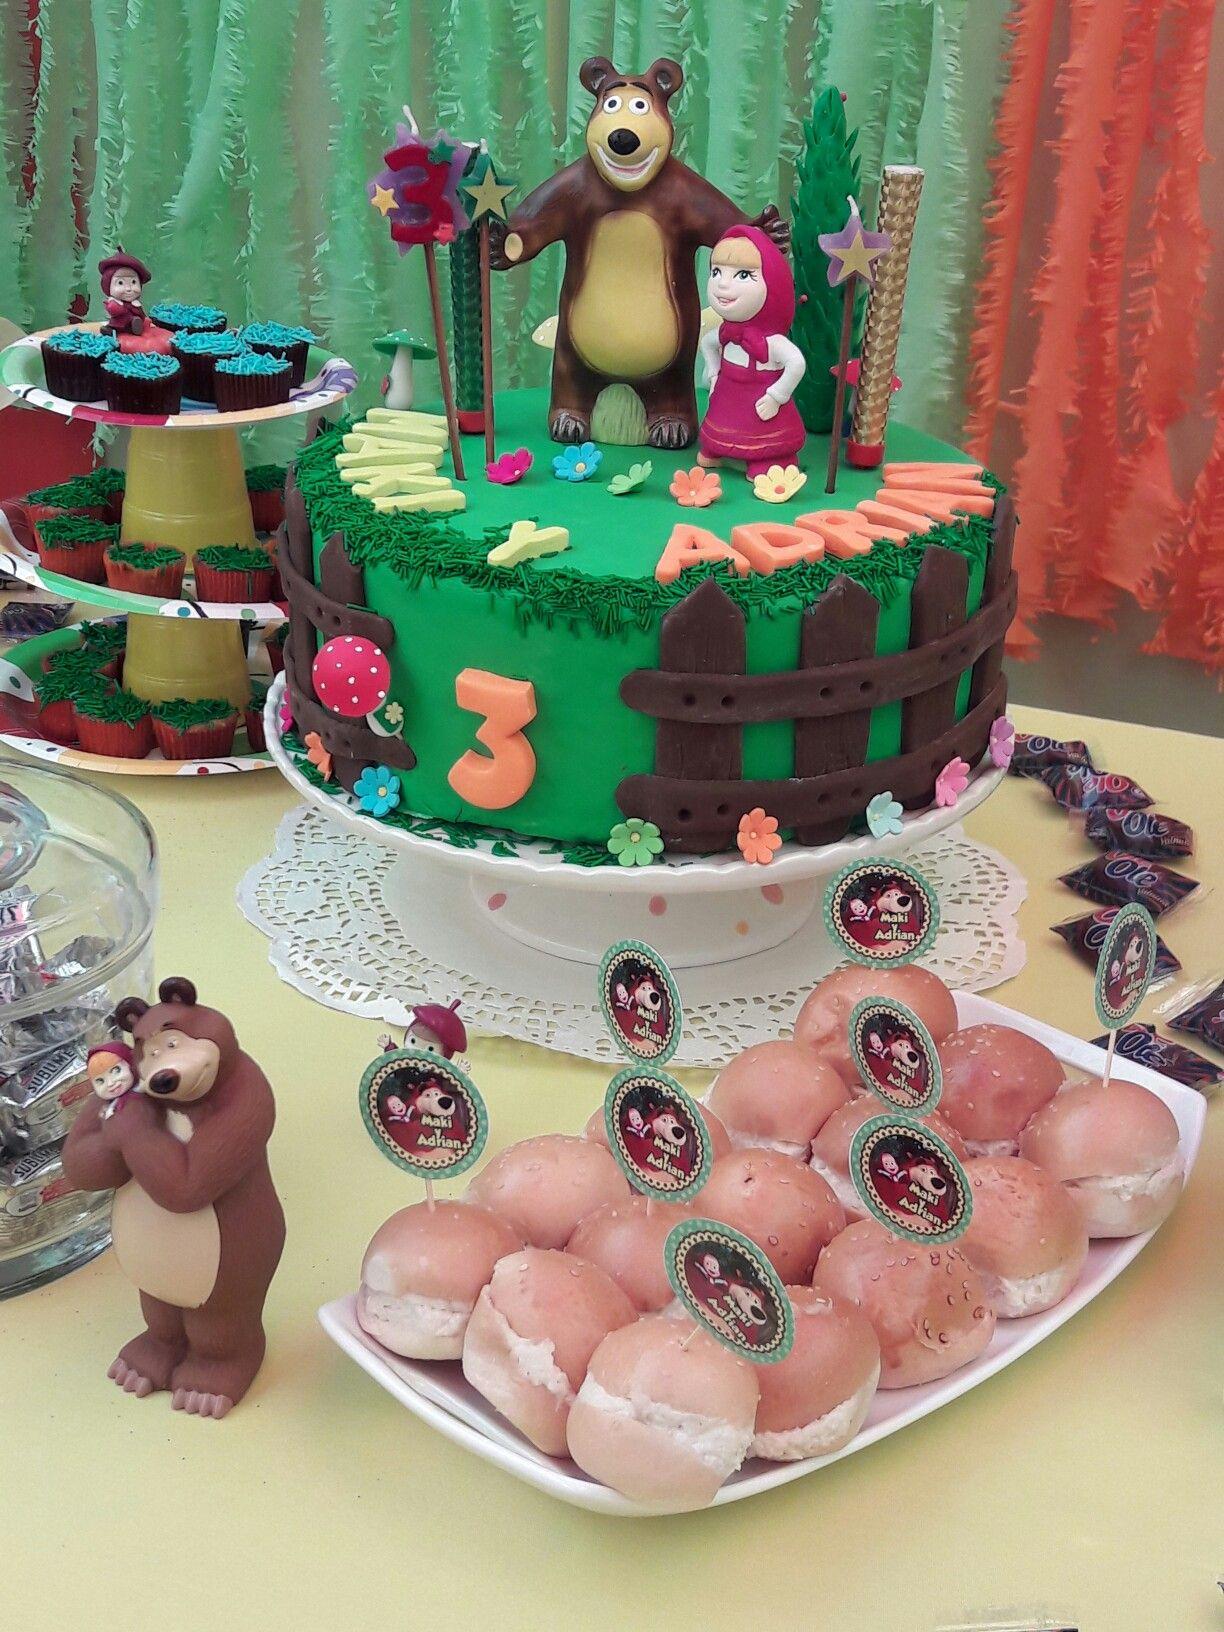 Decoracion fiesta masha y el oso cumplea os infantiles - Decoracion cumpleanos infantiles ...